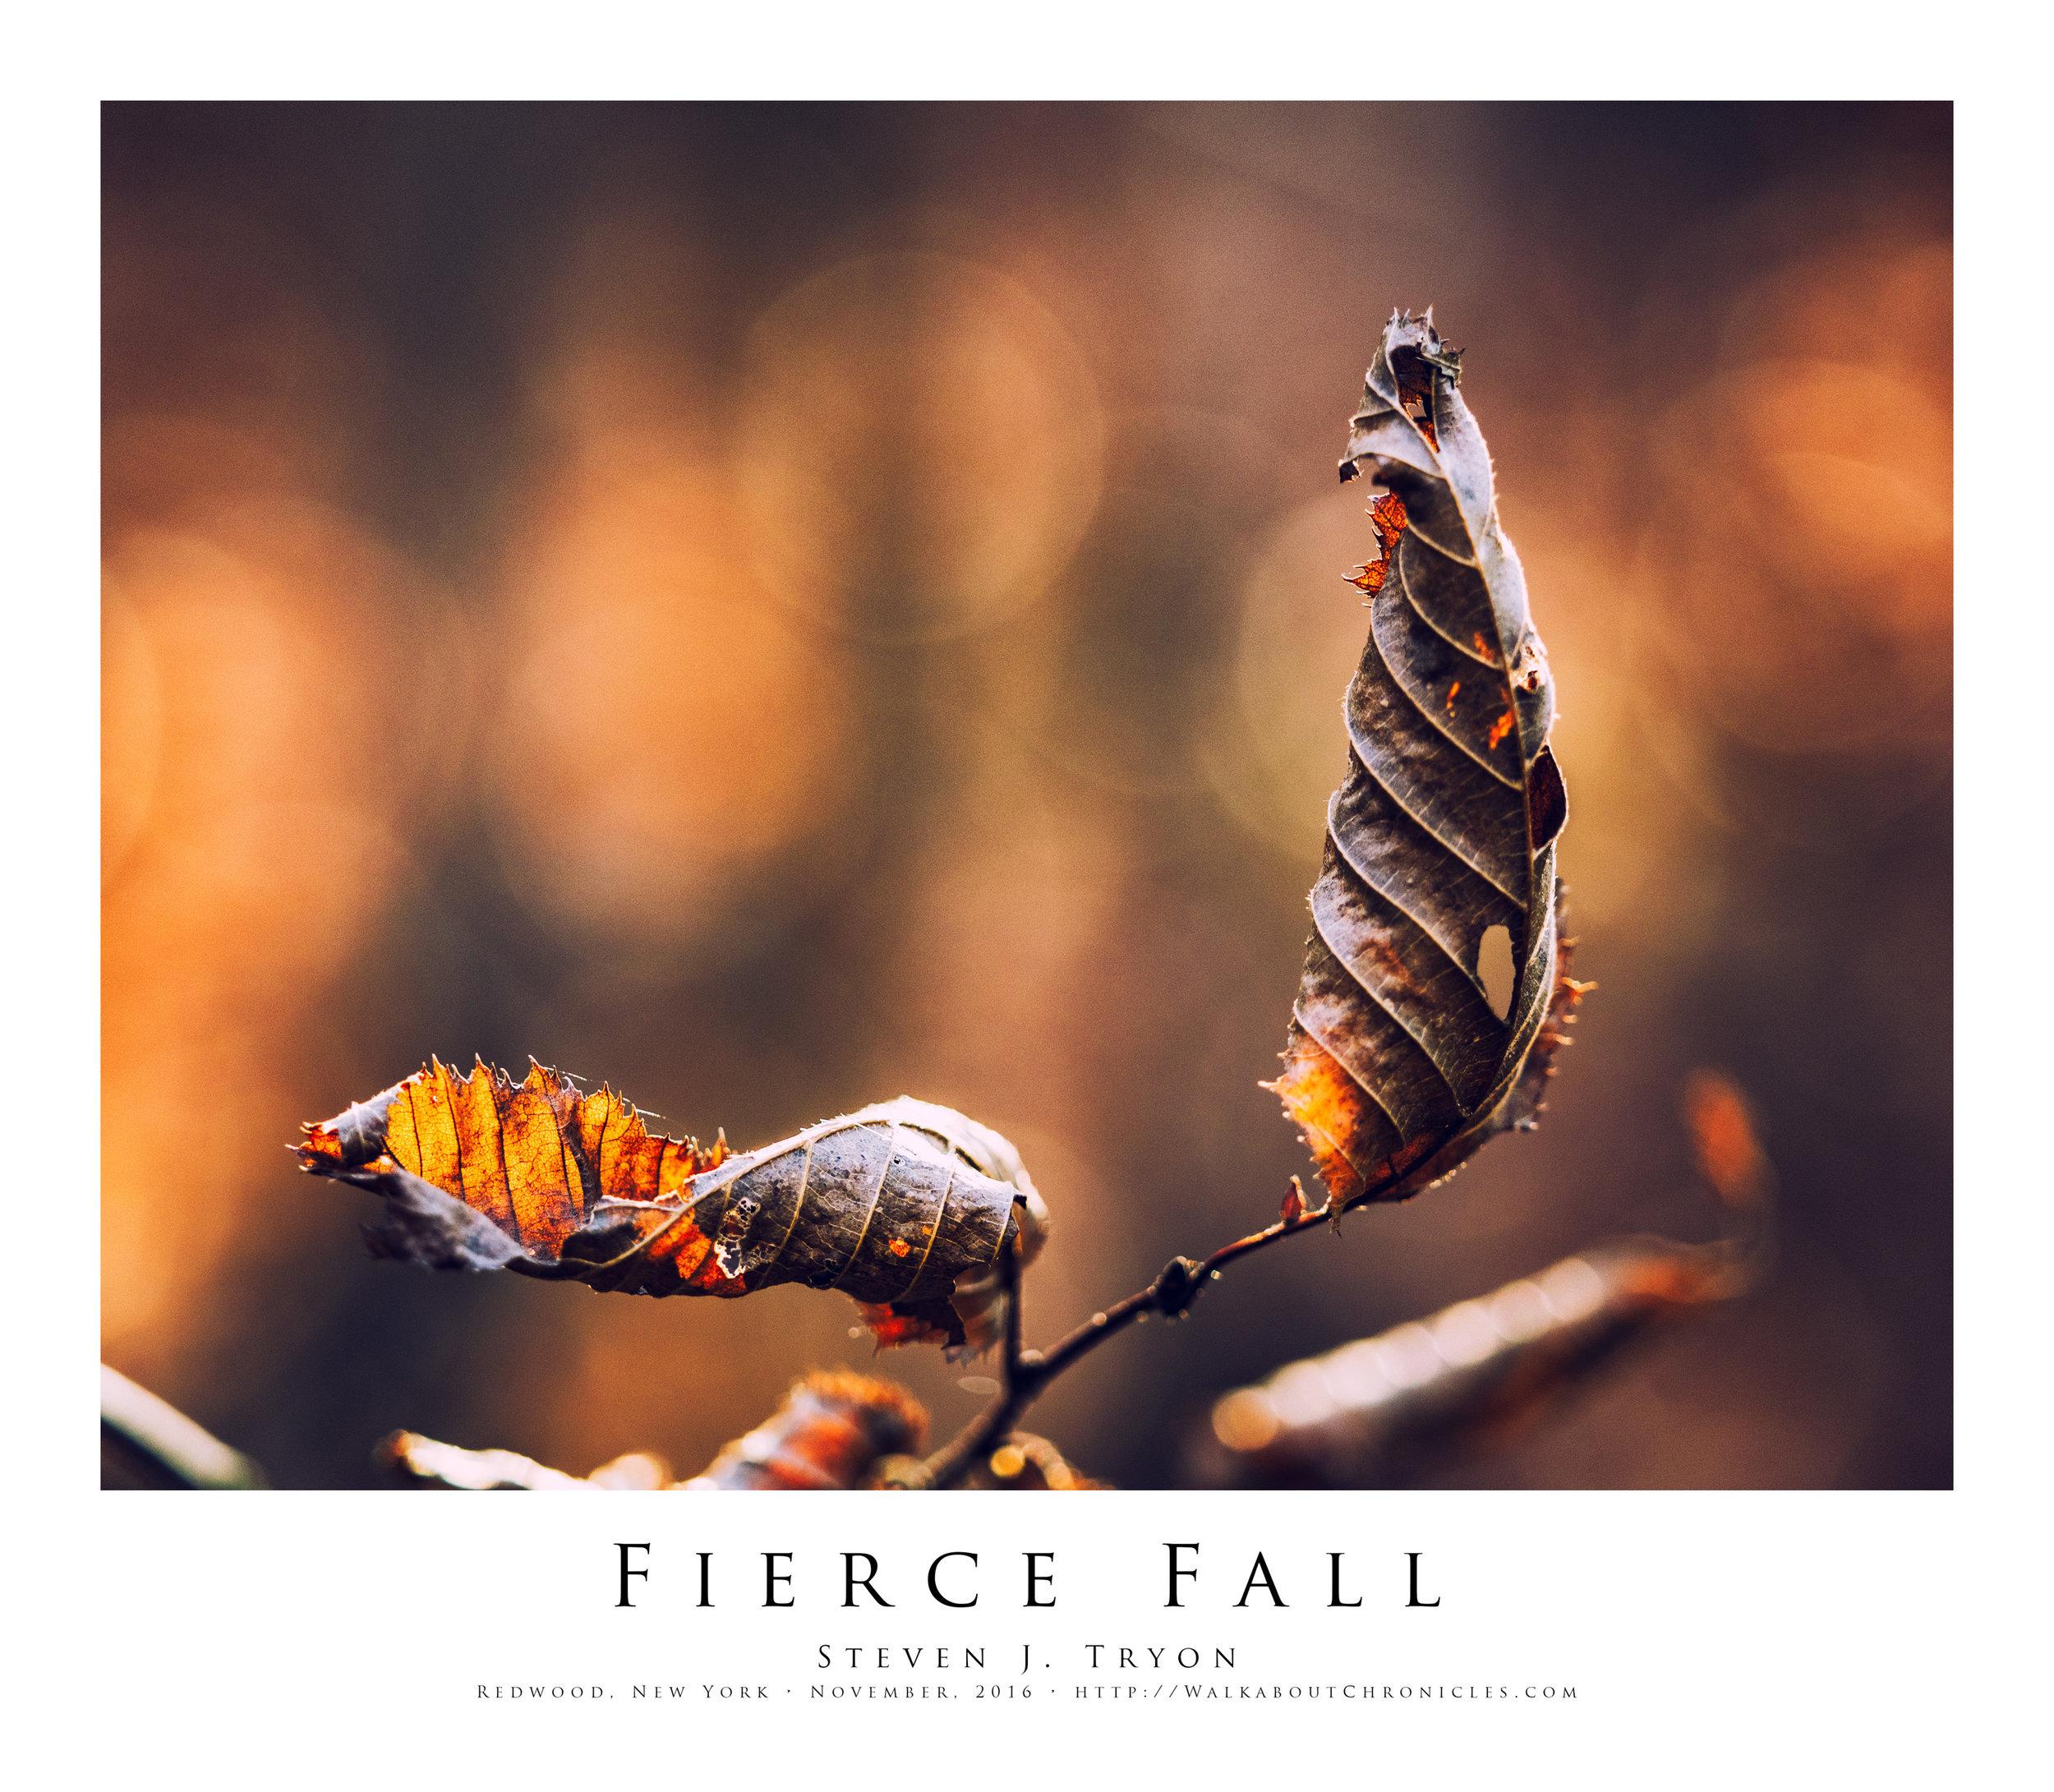 Fierce Fall